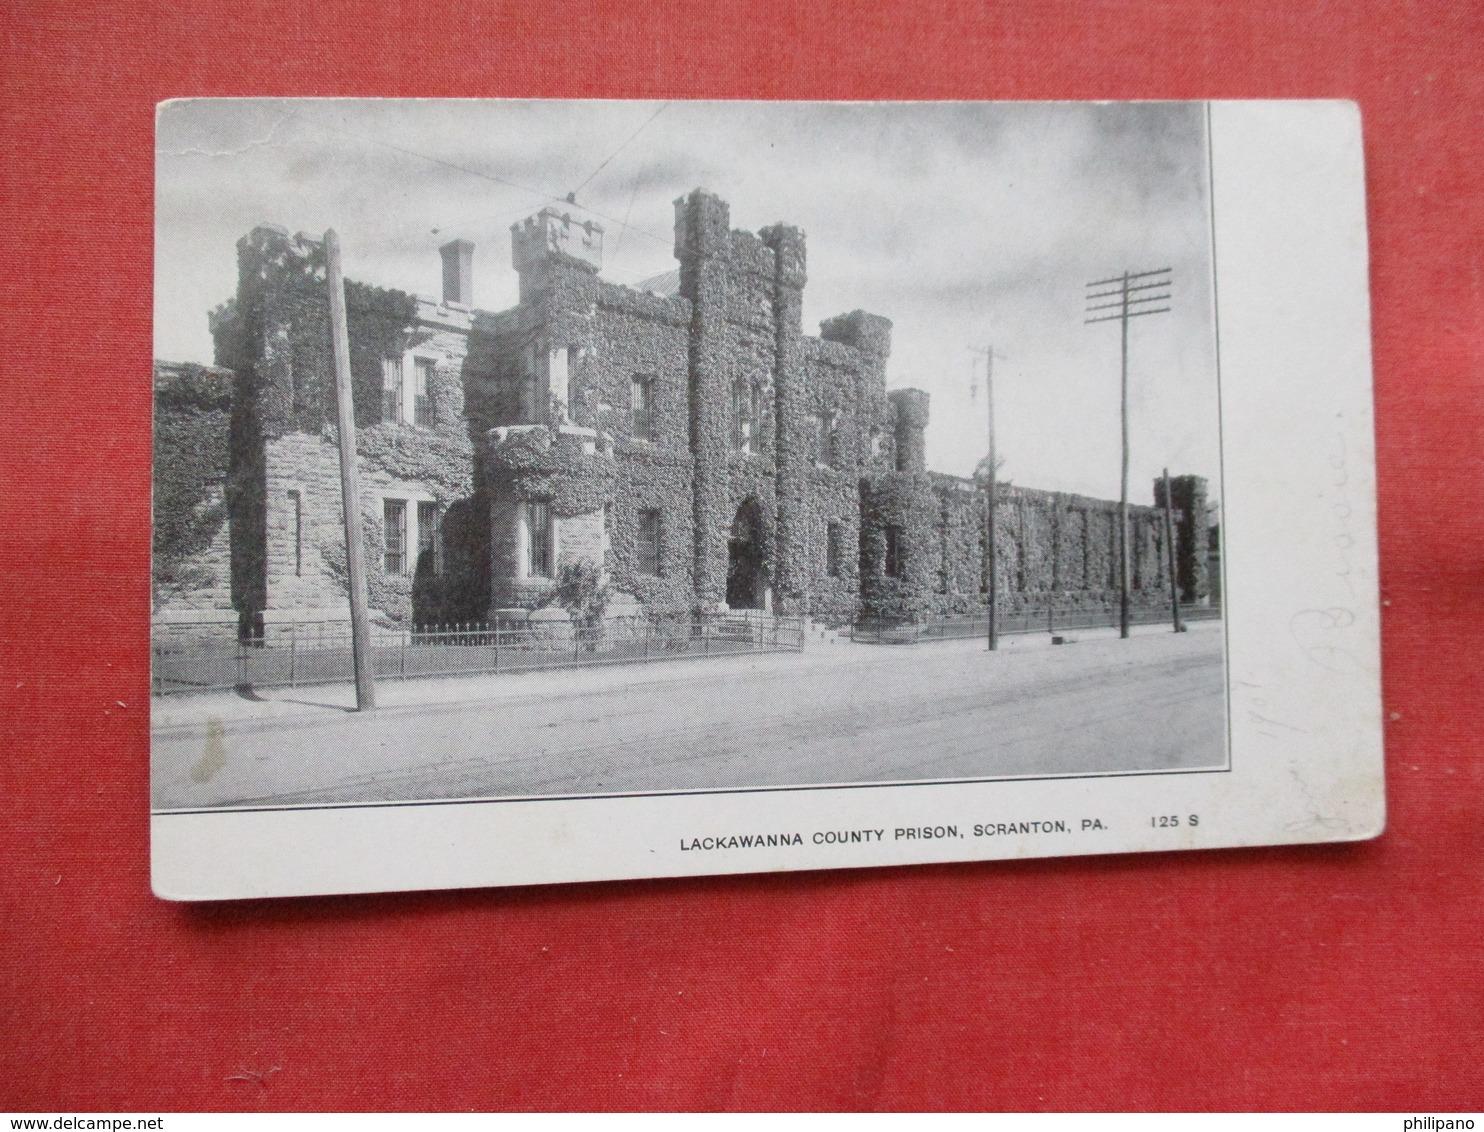 Lackawanna County Prison  Scranton Pa.    Ref 3213 - Prison